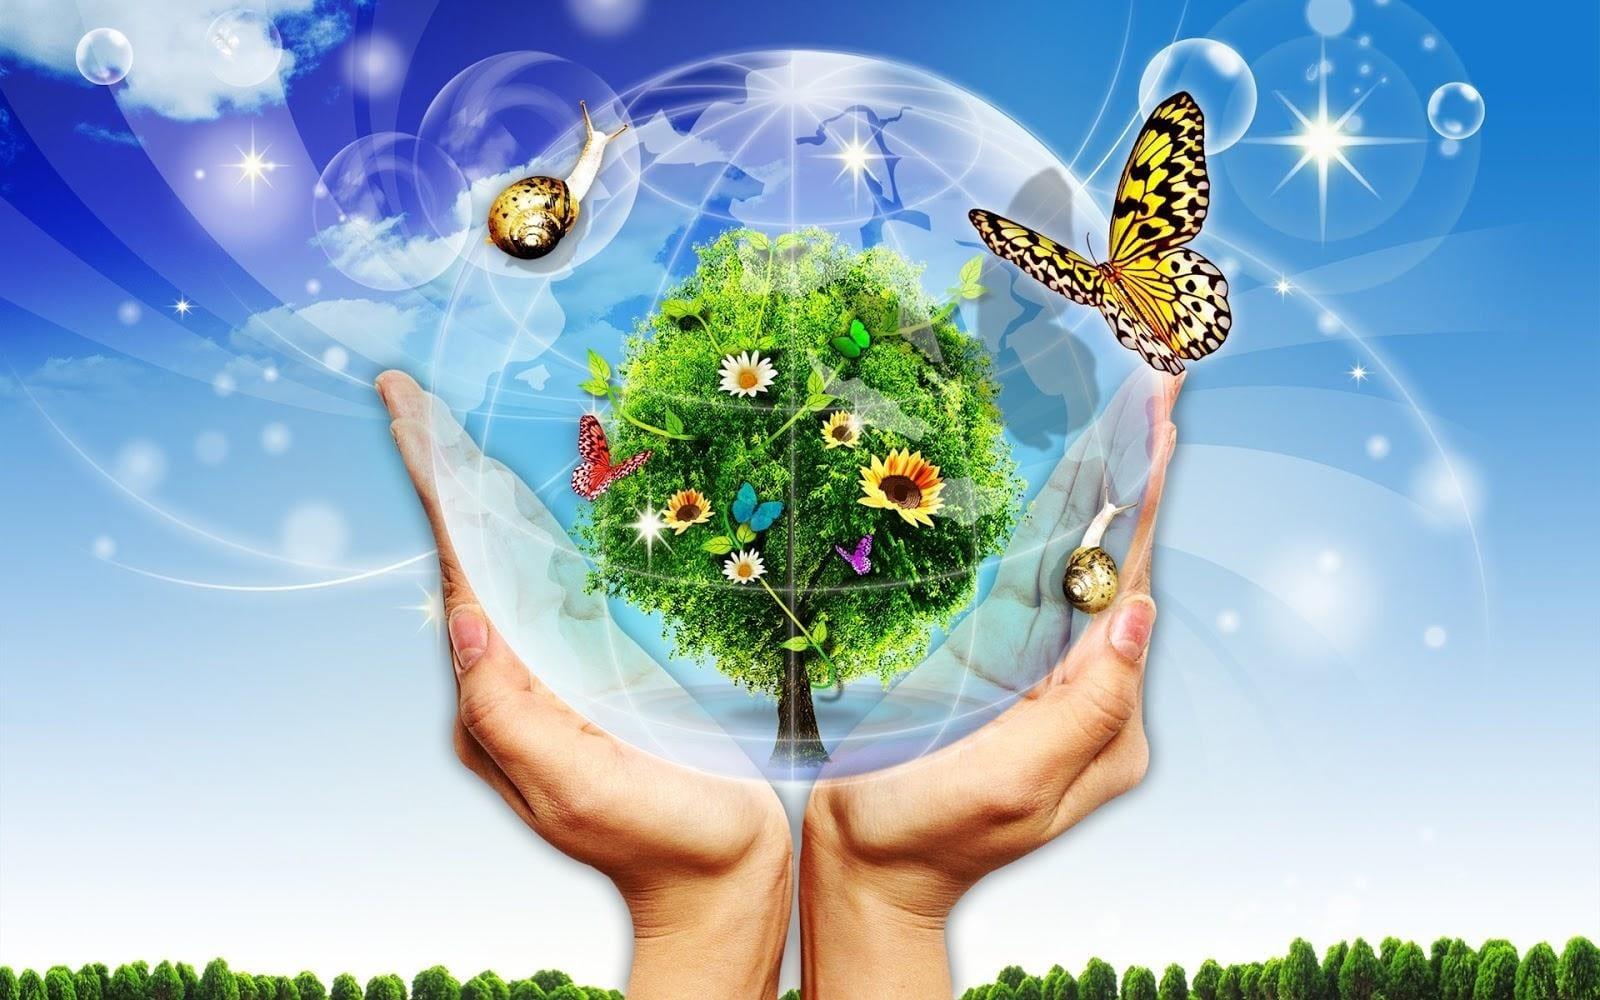 môi trường ở nhật bản, ô nhiễm môi trường ở nhật bản, môi trường nhật bản, bảo vệ môi trường ở nhật bản, nhật bản bảo vệ môi trường, cách người nhật bảo vệ môi trường, chính sách bảo vệ môi trường của nhật bản, biện pháp bảo vệ môi trường của nhật bản, người nhật bảo vệ môi trường, cách bảo vệ môi trường của người nhật, bài học bảo vệ môi trường của nhật bản, vấn đề môi trường ở nhật bản, môi trường sống ở nhật bản